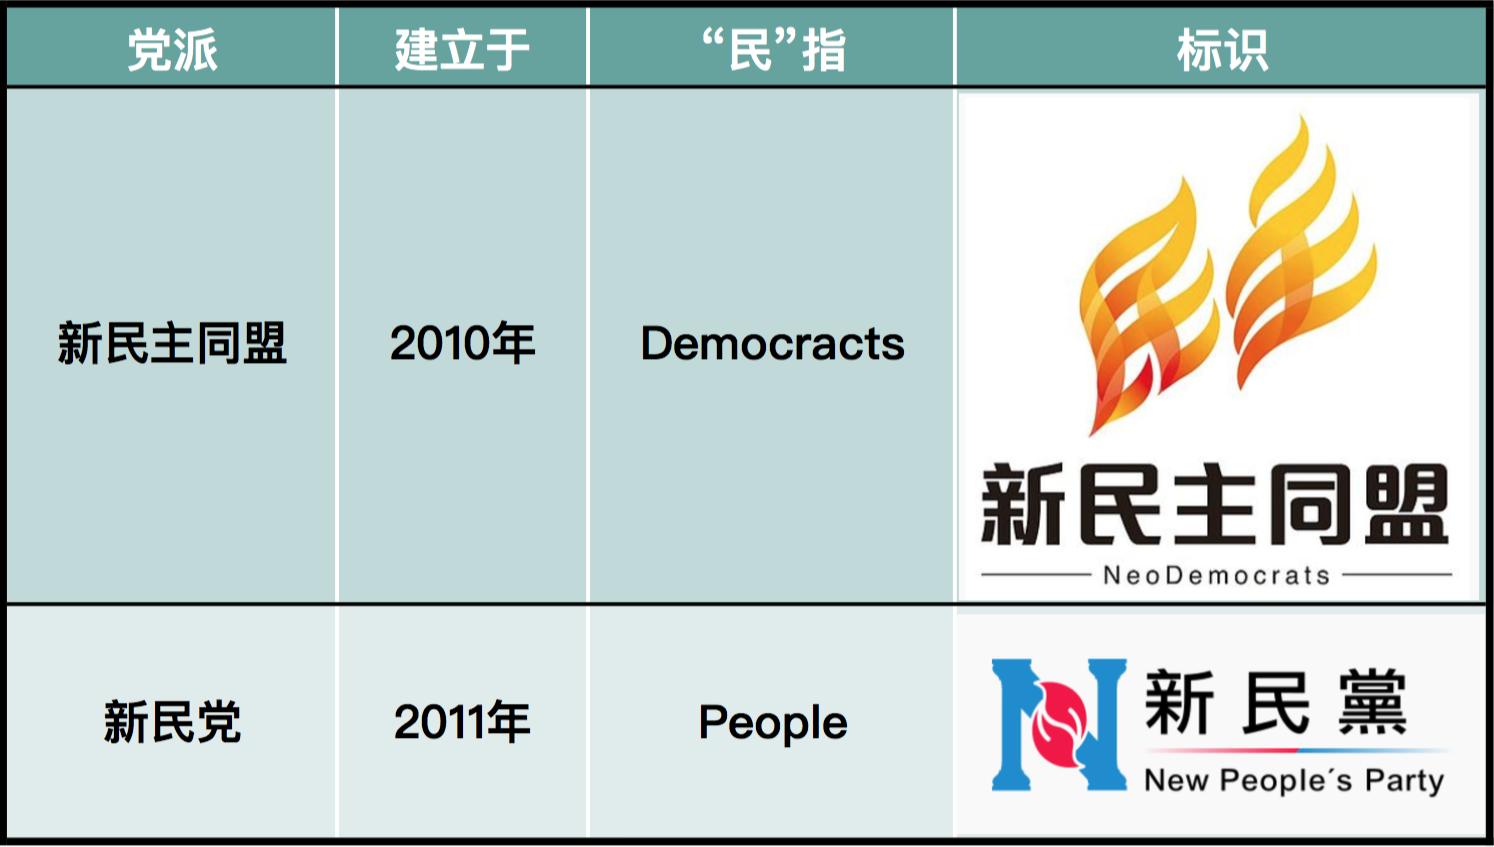 新民主同盟vs新民党